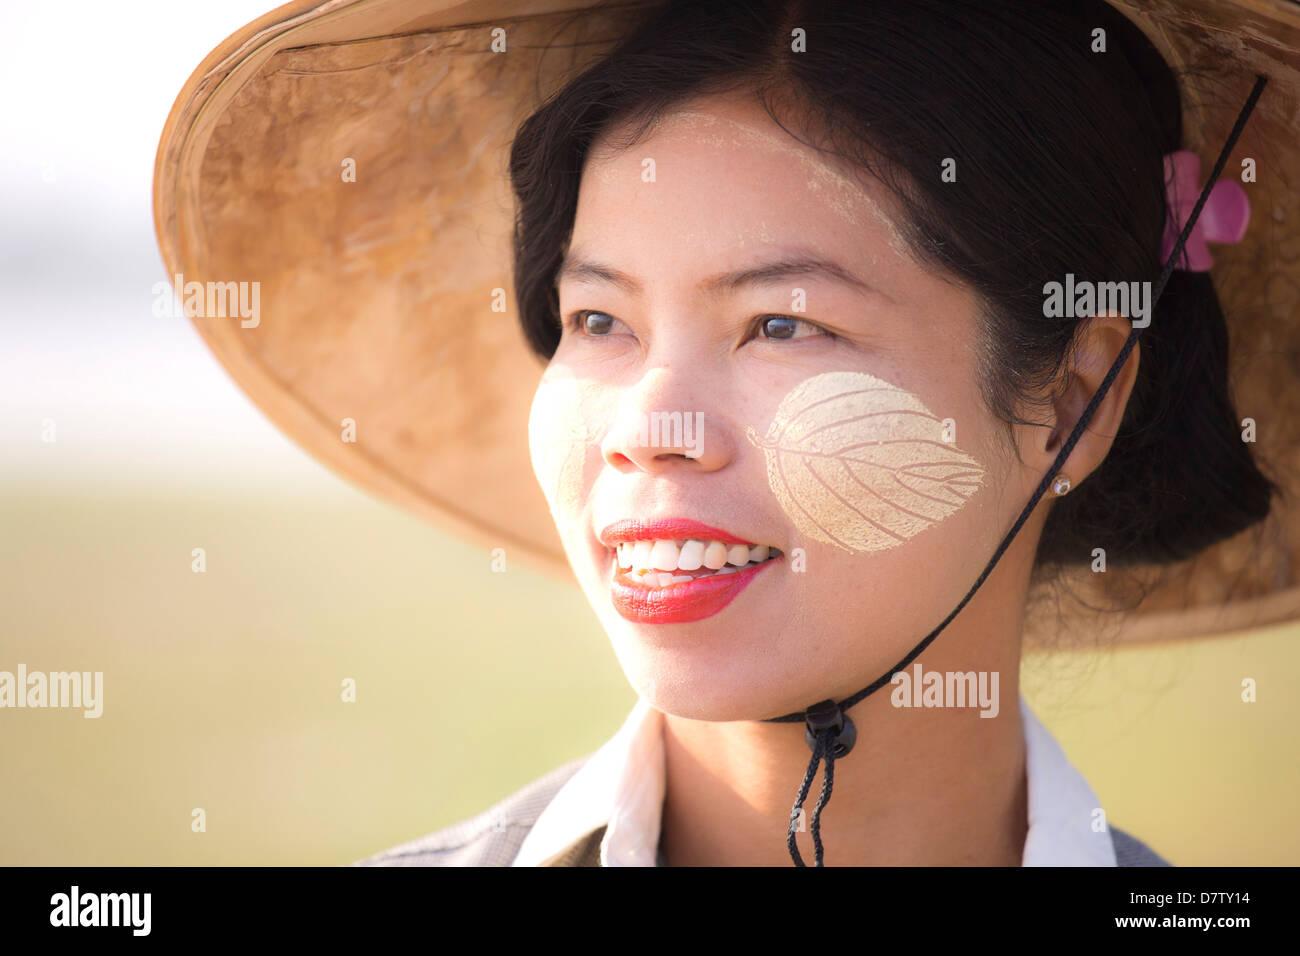 Portrait de femme de la région rétro-éclairé portant des vêtements traditionnels, près Photo Stock